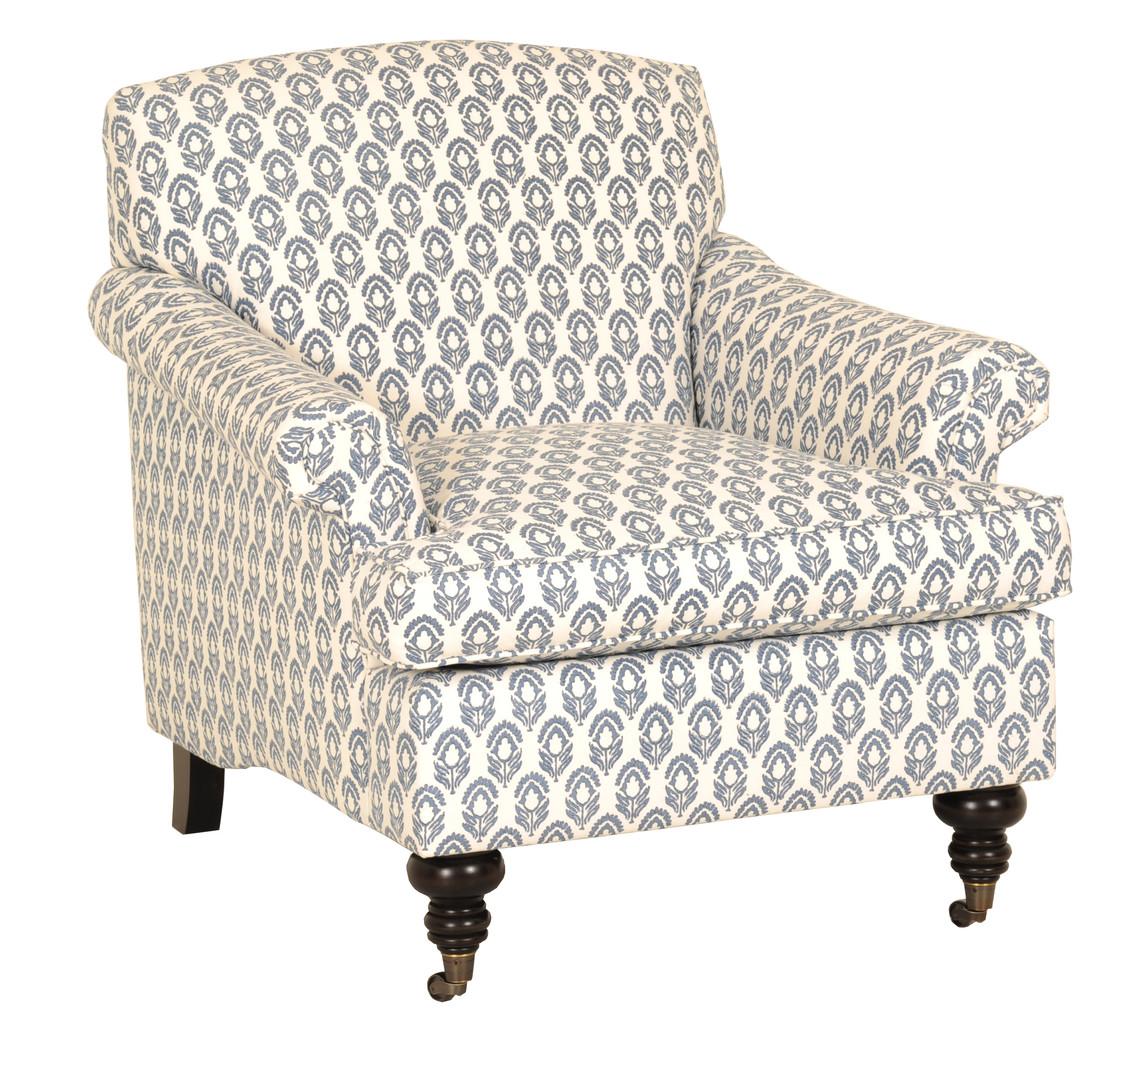 Joplin_Chair_300dpi.jpg